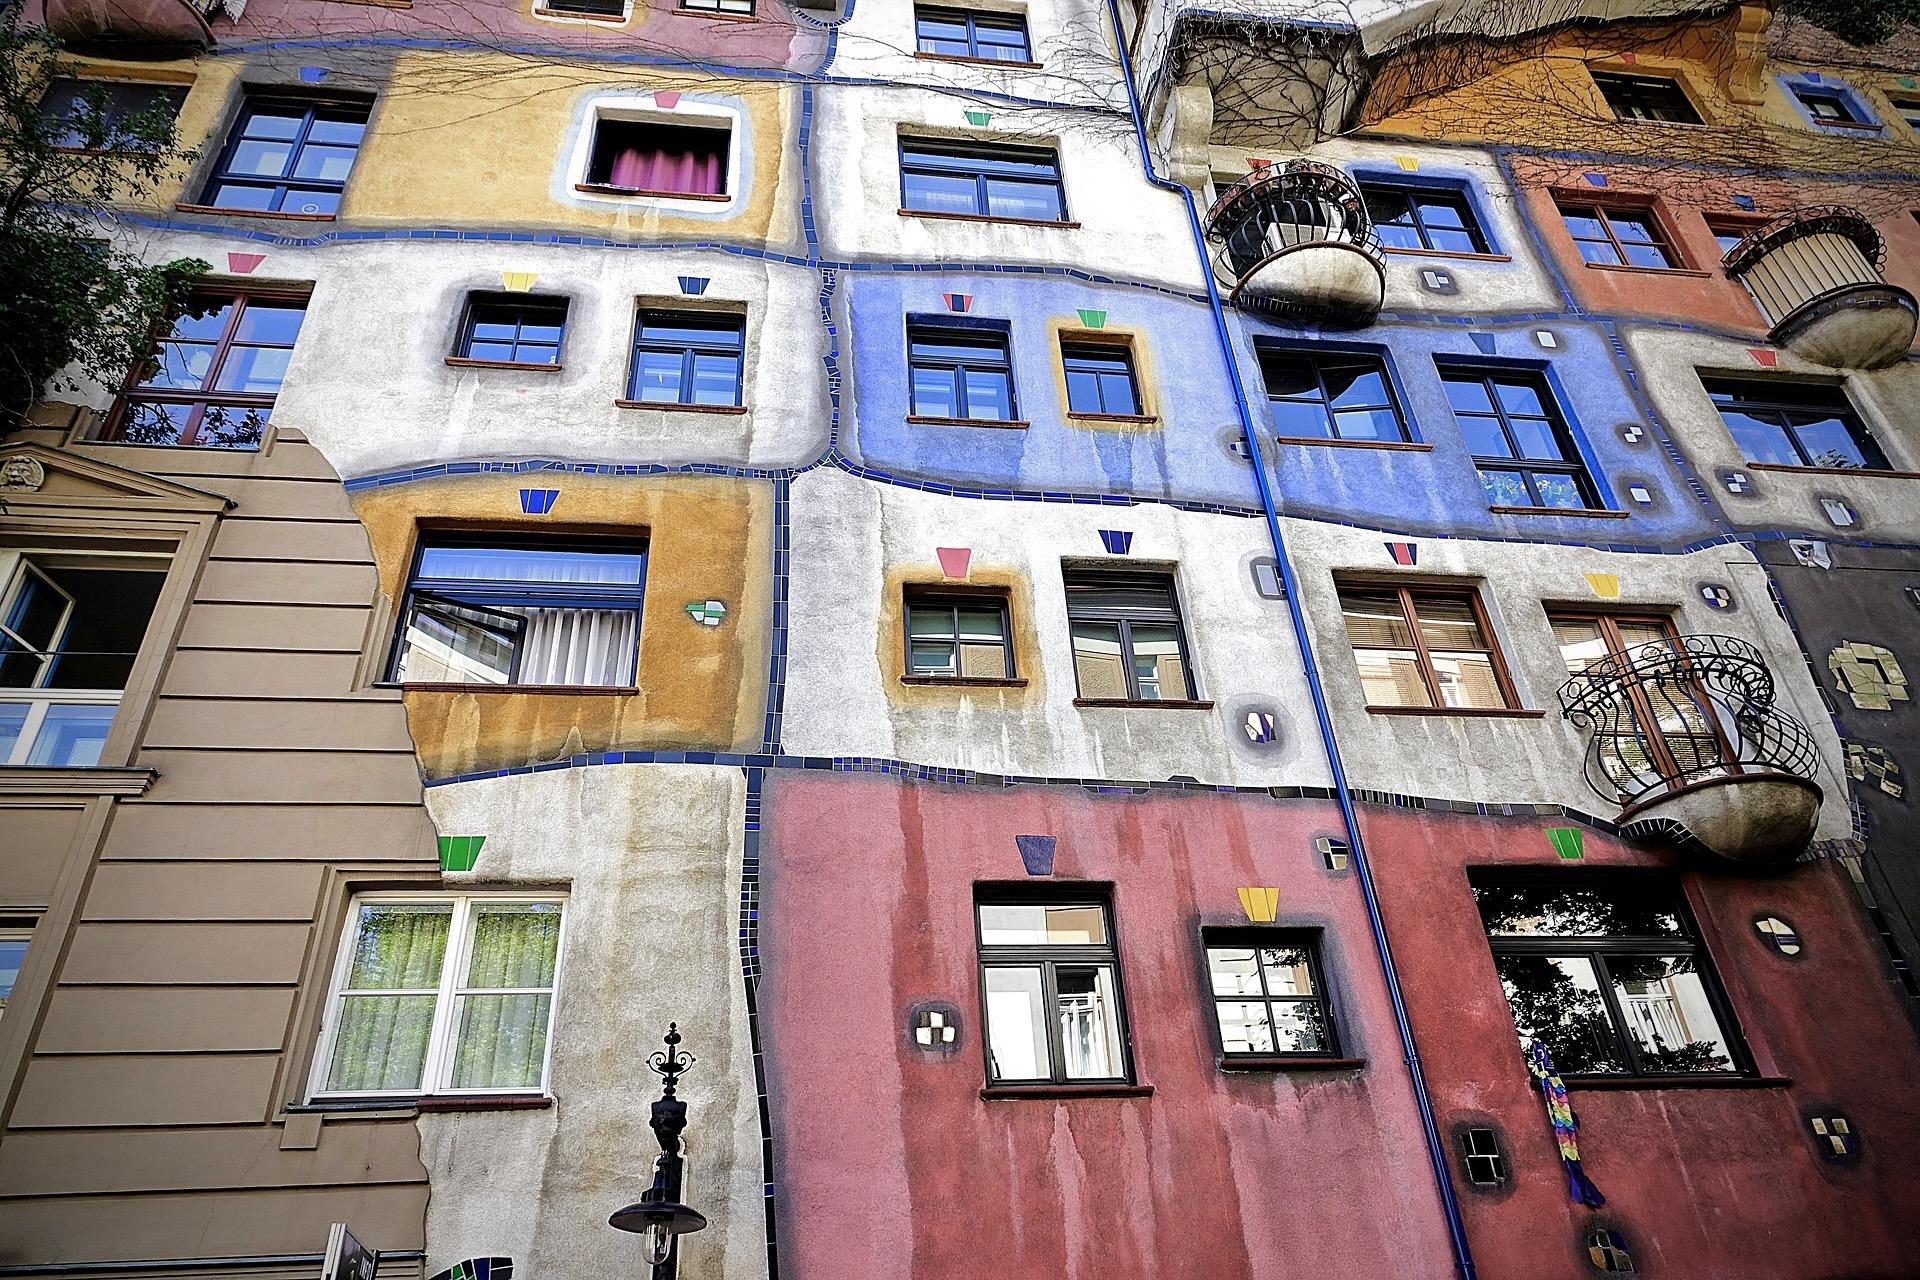 Das Hundertwasserhaus in Wien ist ein Highlight für Fans von Kunst und Architektur